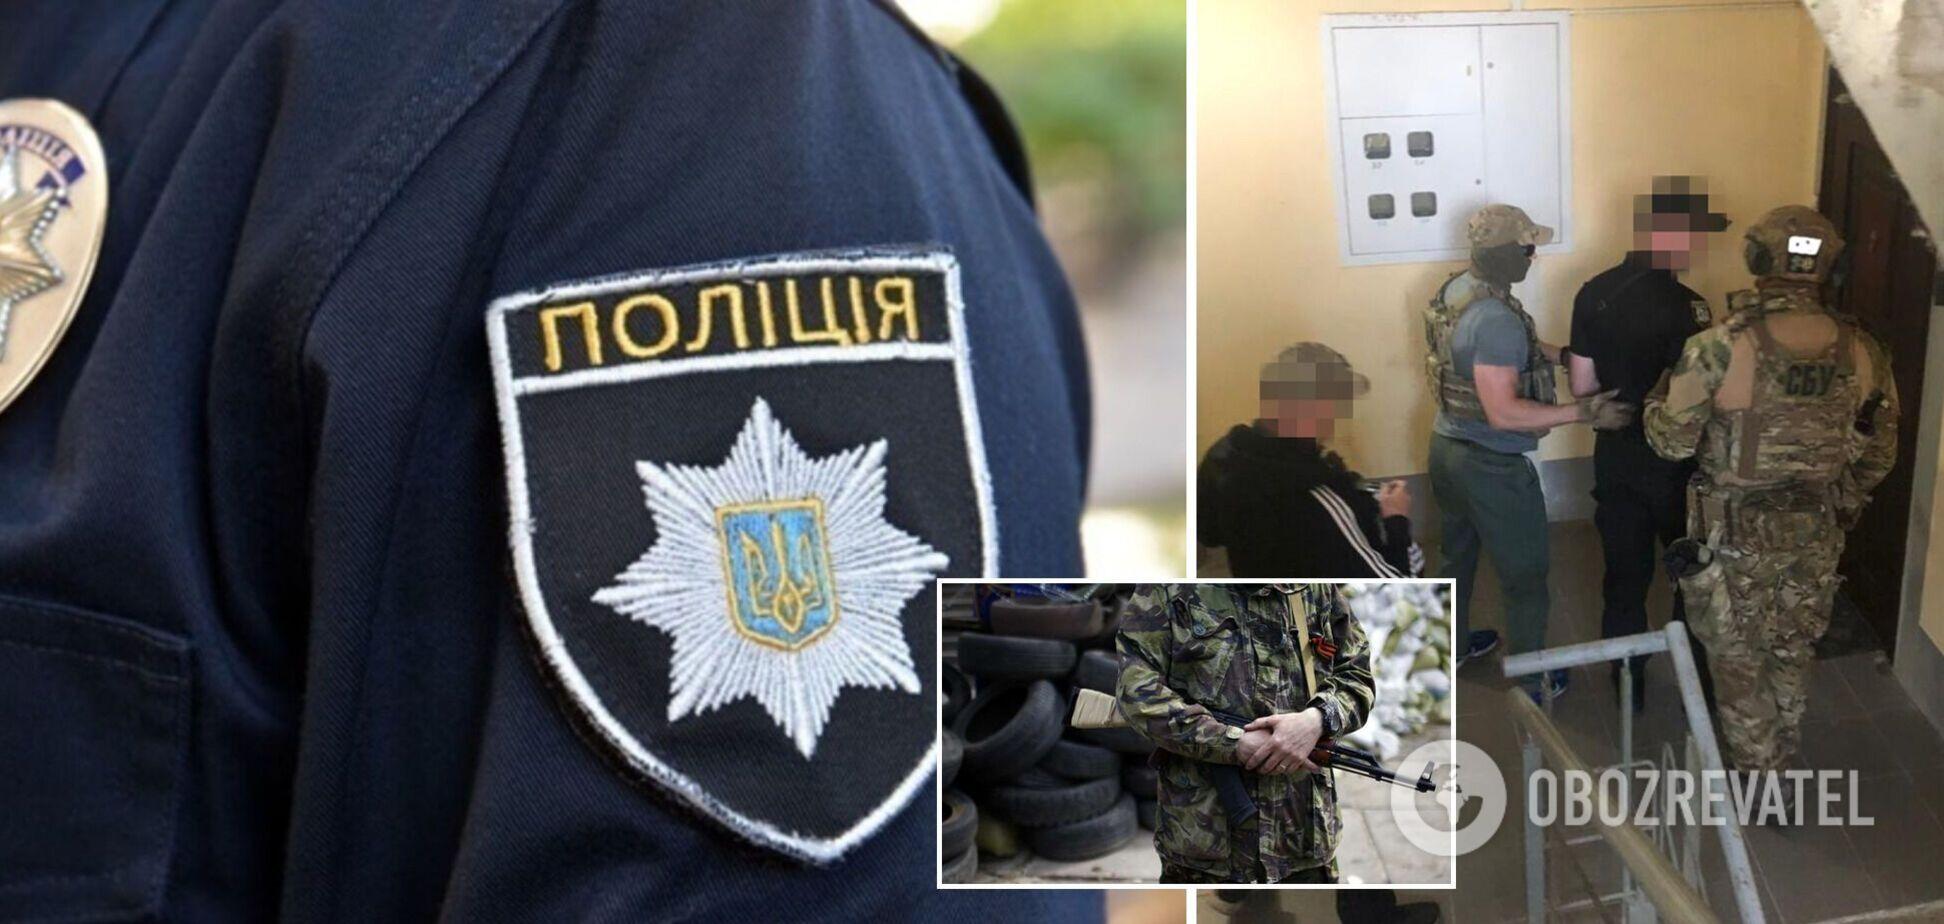 В Украине разоблачили экс-боевика 'ЛНР', который 5 лет работал в Нацполиции. Фото